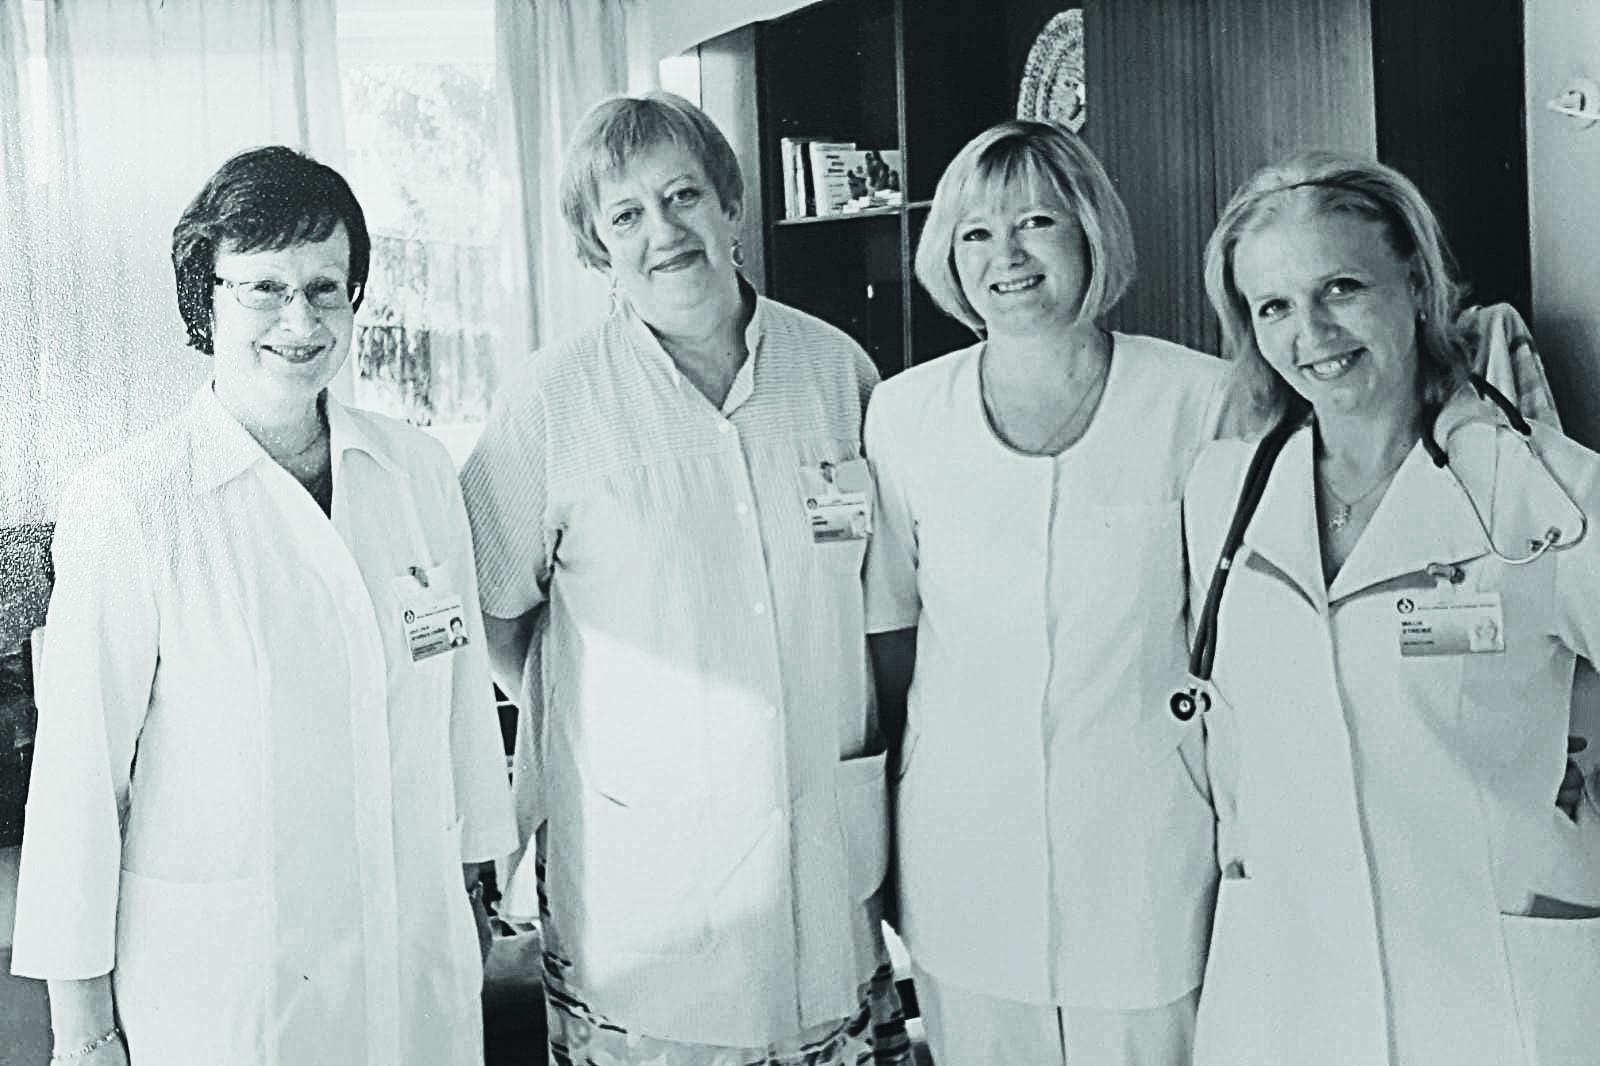 Anda Ķimene (otrā no kreisās) ar Bērnu klīniskās universitātes slimnīcas novietnes Gaiļezerā kolēģēm profesori Jevgēniju Livdāni (pirmā no kreisās), Dr. Lienīti Dāboliņu un Dr. Maiju Streiķi